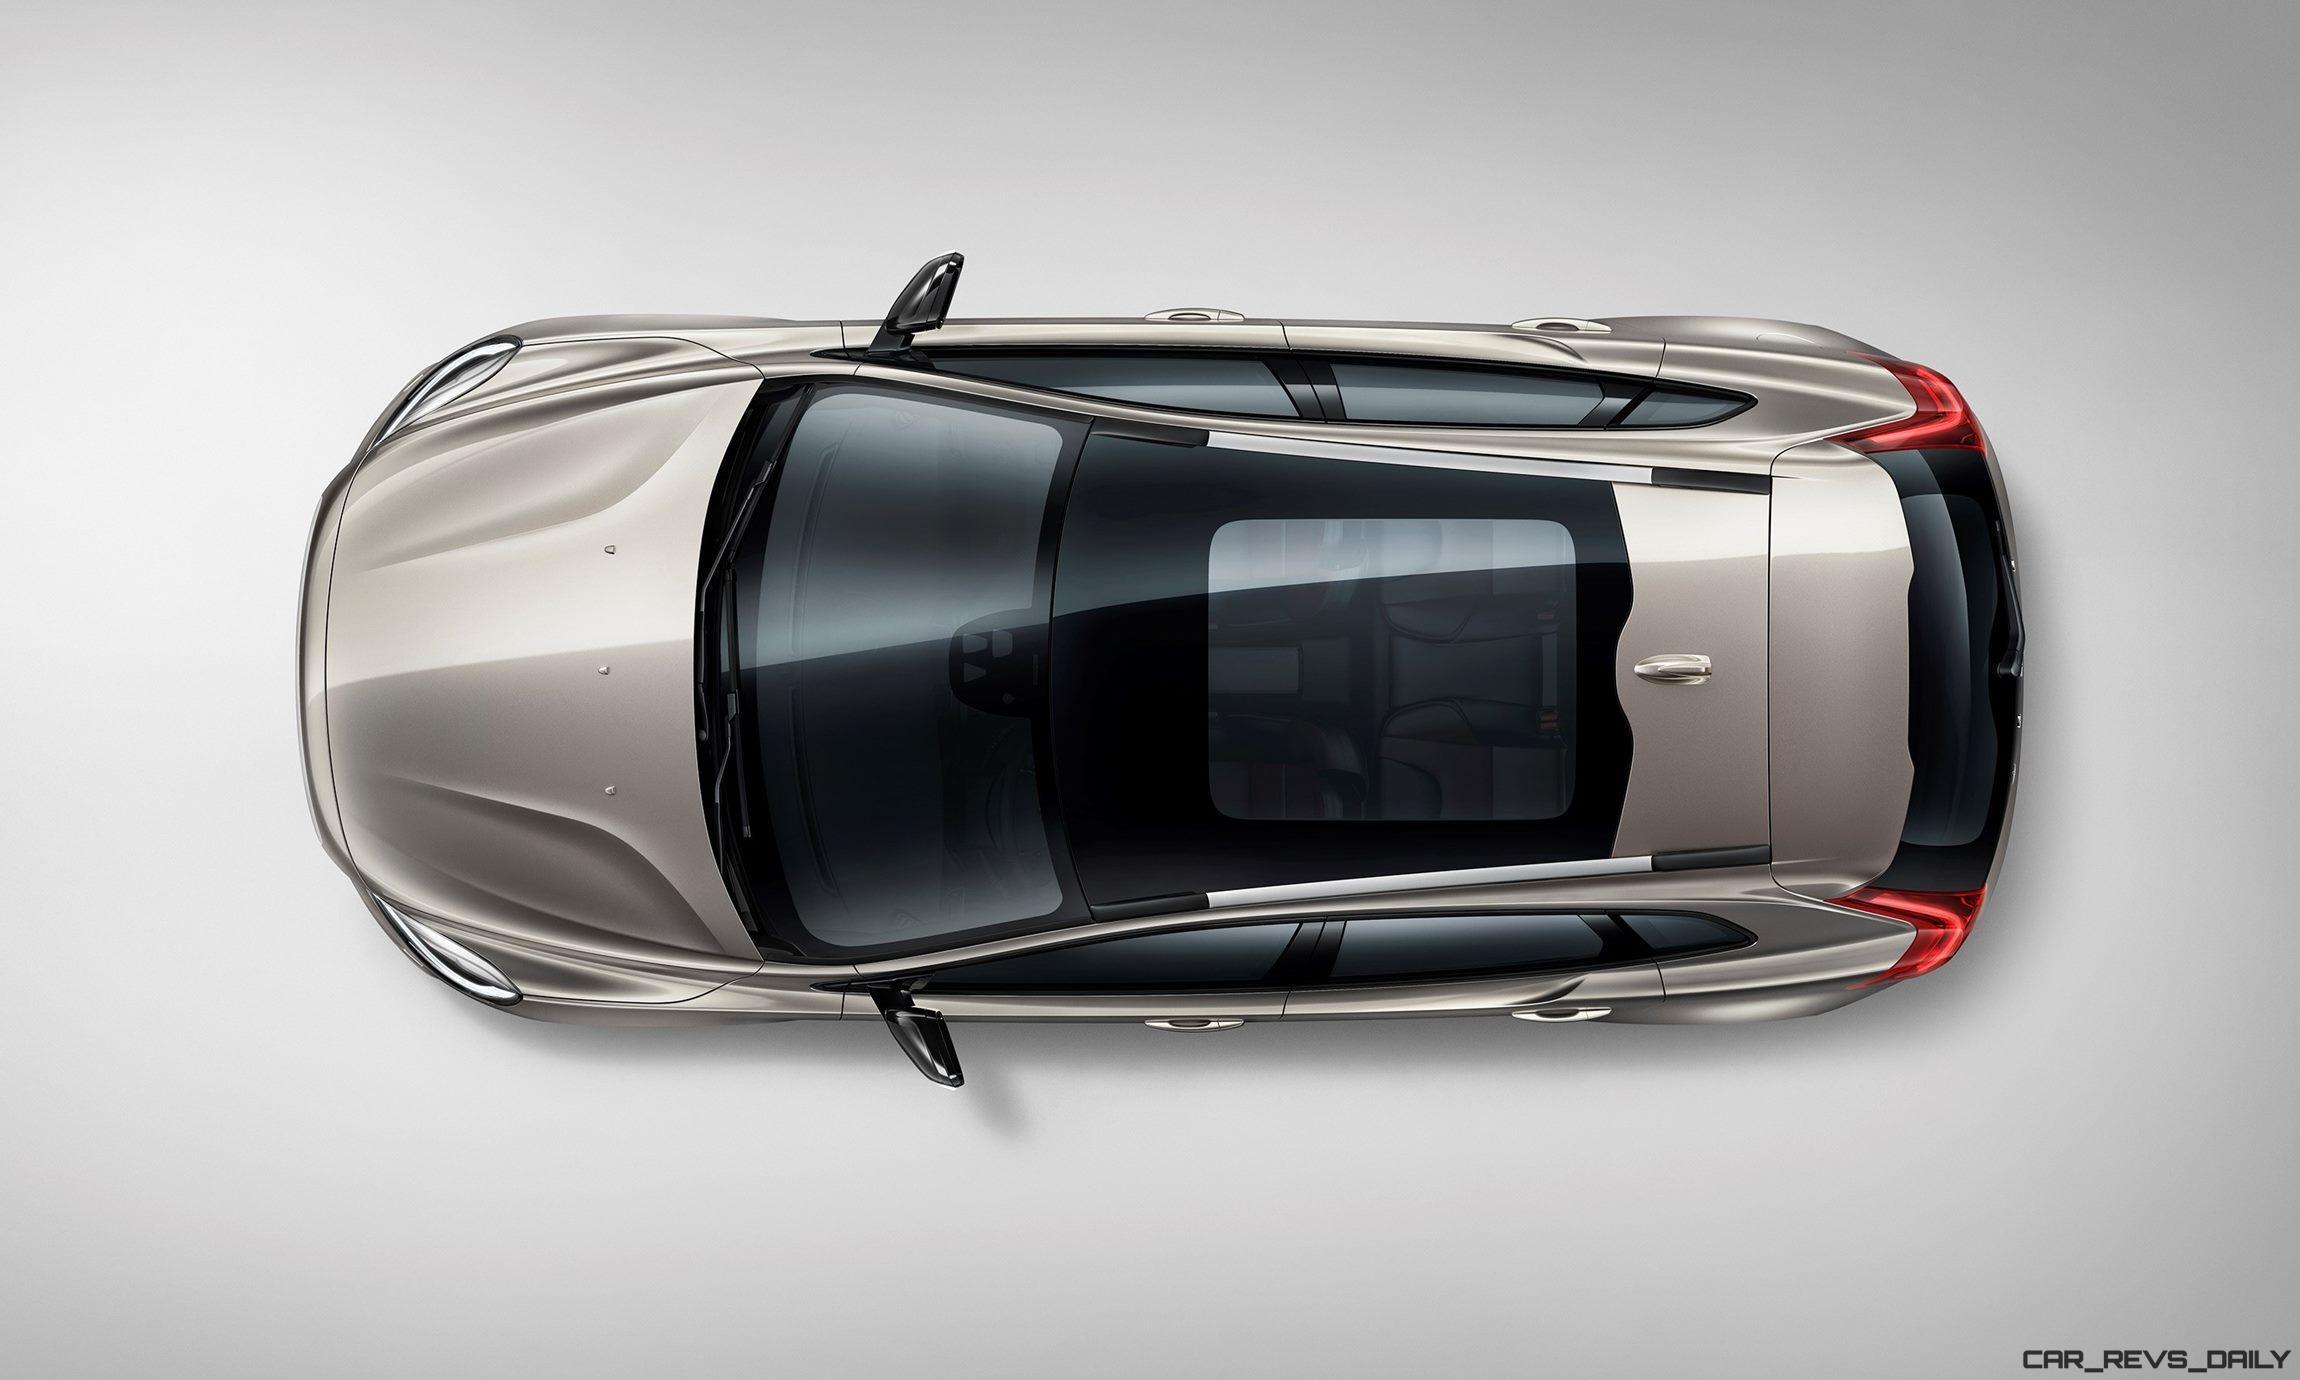 2017 Volvo V40 And V40 Cross Country Facelift Revealed